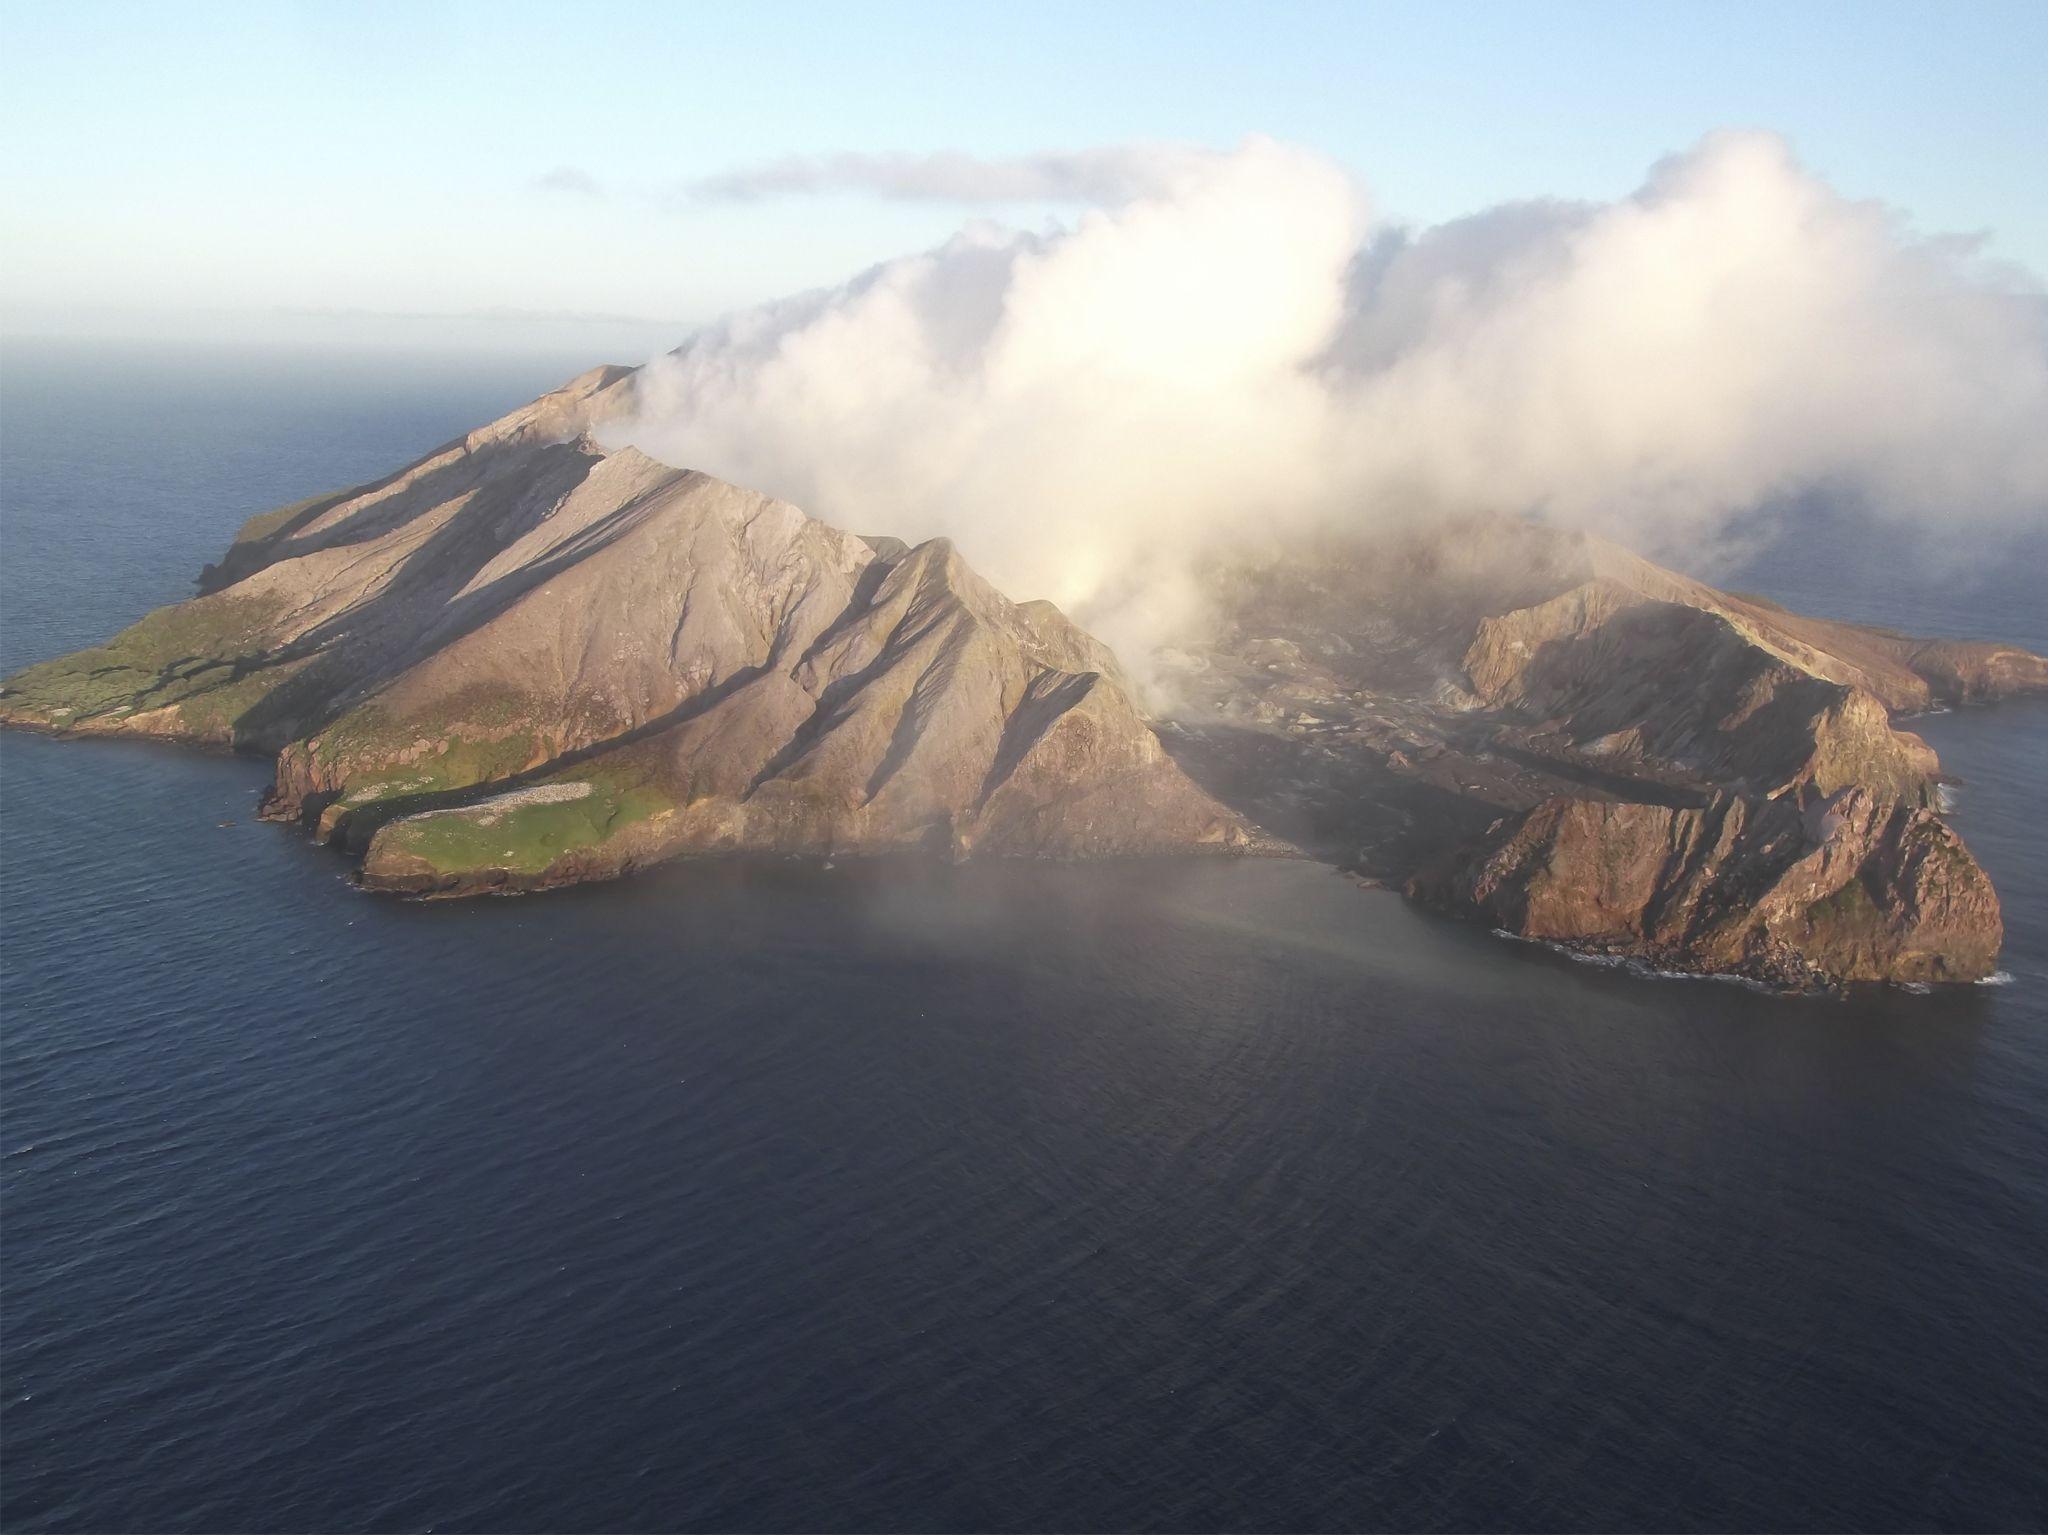 الجزيرة البيضاء هي بركان نشط وسط المياه في شمال... [Photo of the day - يونيو 2020]